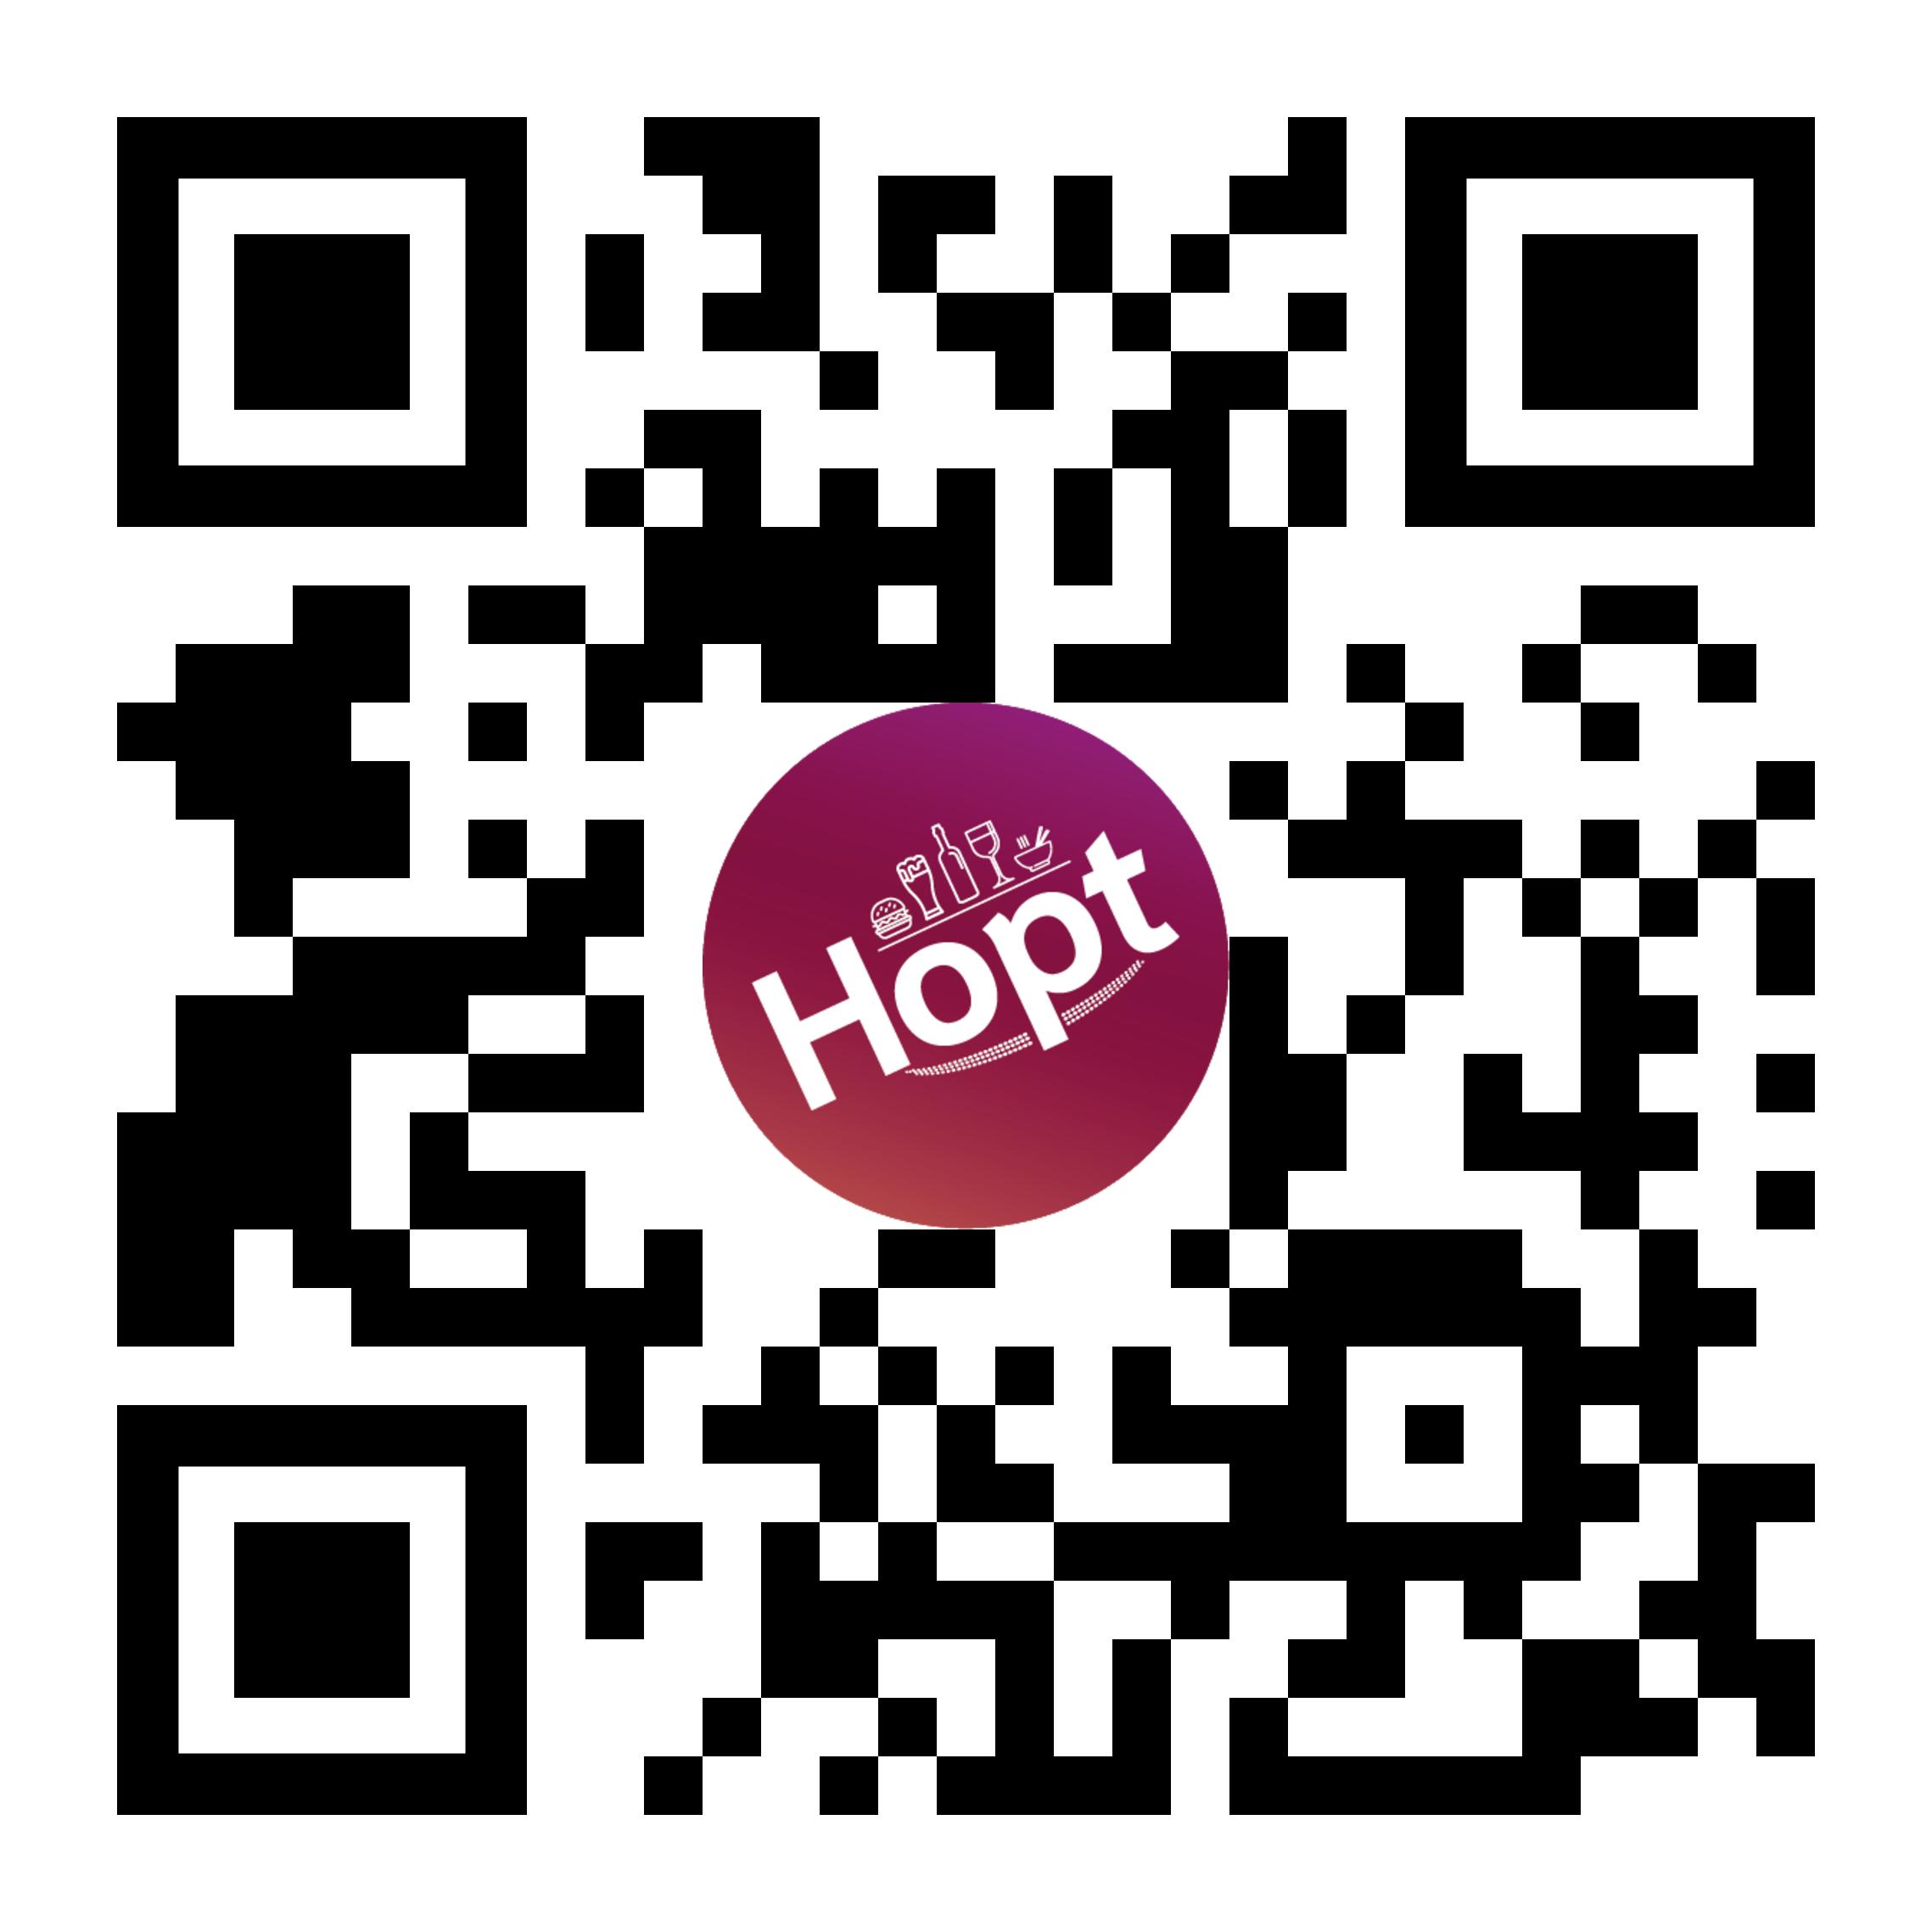 hopt_qr_code_new